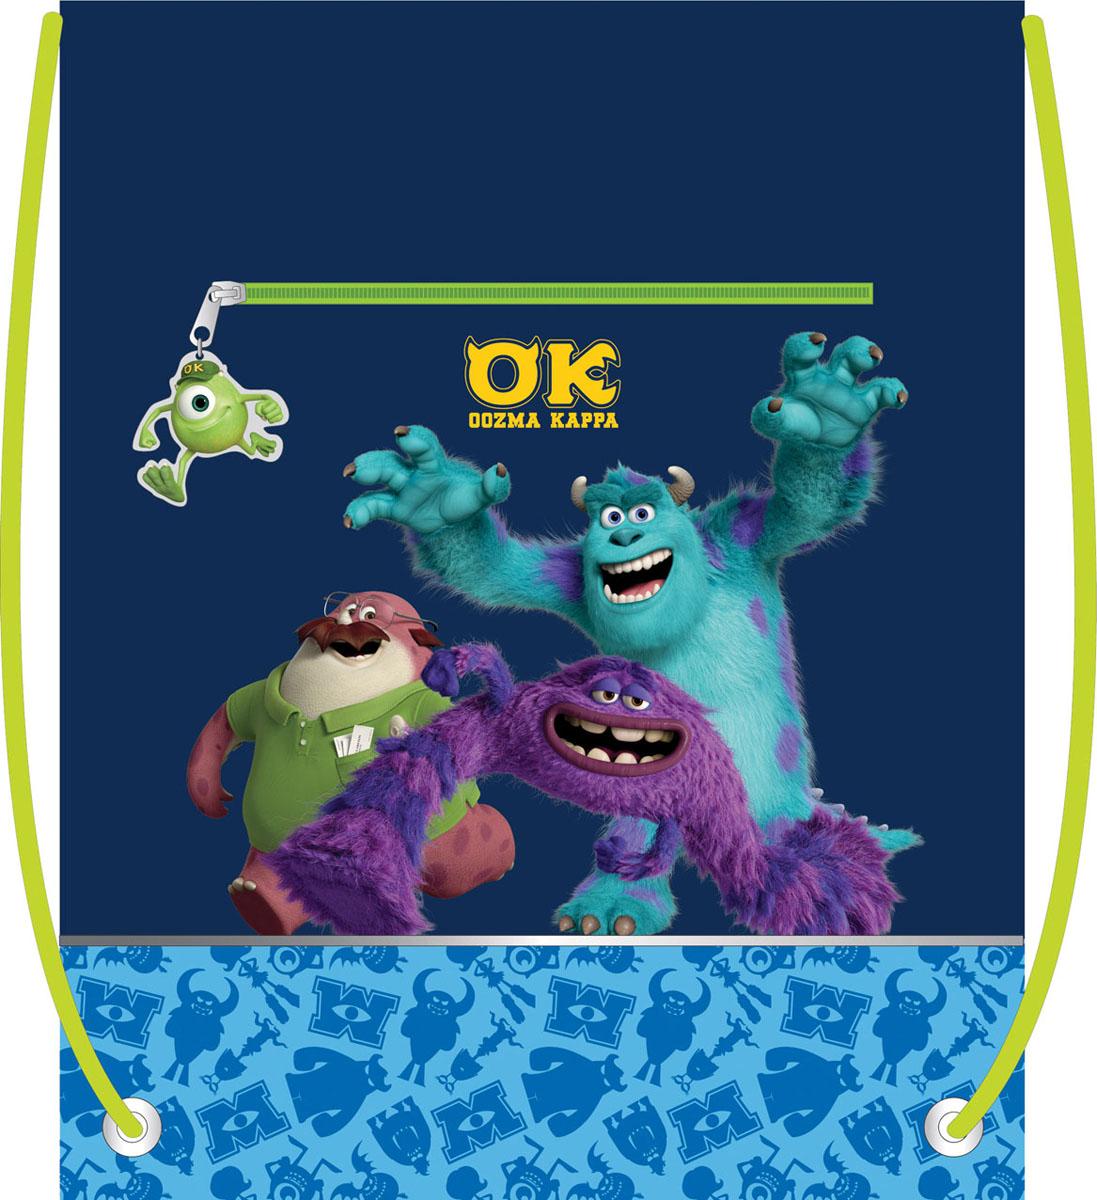 Сумка для сменной обуви Disney Университет монстров, цвет: темно-синий, салатовый34992Сумку Disney Университет монстров удобно использовать как для хранения, так и для переноски сменной обуви. Сумка выполнена из прочного полиэстера синего и салатового цветов и оформлена принтом с изображением персонажей мультфильма Университет монстров. На лицевой стороне расположен прорезной карман, закрывающийся на застежку-молнию. Бегунок застежки дополнен удобным держателем в виде фигурки персонажа.Сумка затягивается сверху при помощи текстильных шнурков. Шнурки фиксируются в нижней части сумки, благодаря чему ее можно носить за спиной как рюкзак. Светоотражающие вставки на сумке не оставят вашего ребенка незамеченным в темное время суток.